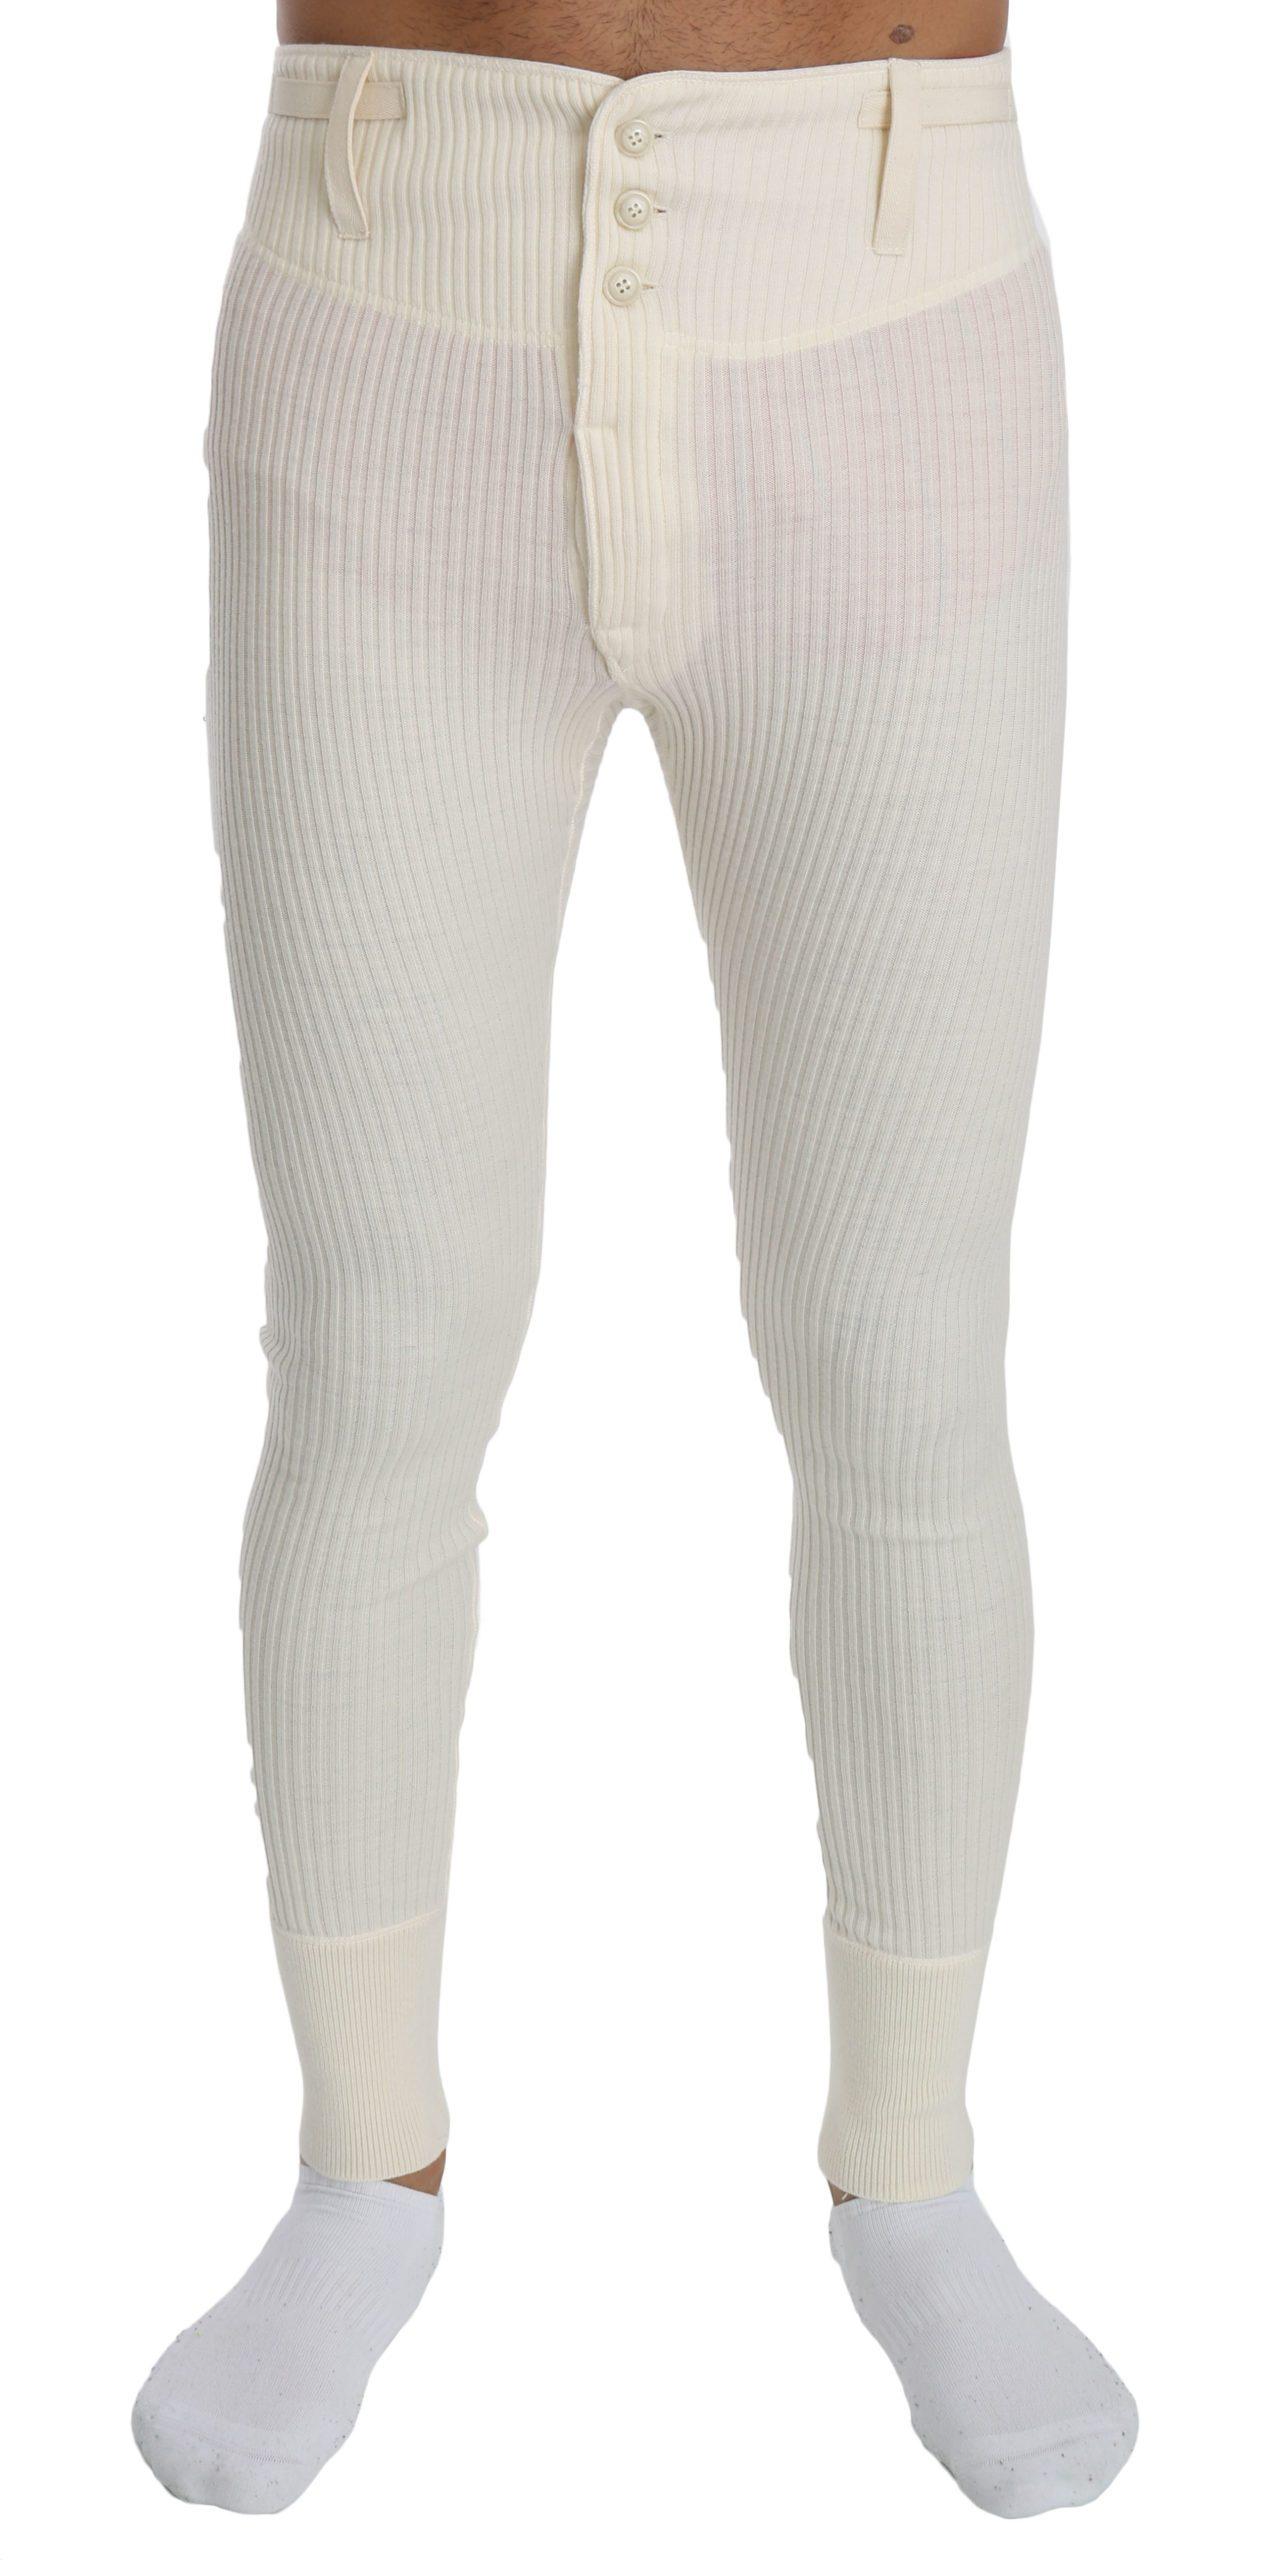 Dolce & Gabbana Men's Wool Sweatpants Trouser White PAN70752 - L